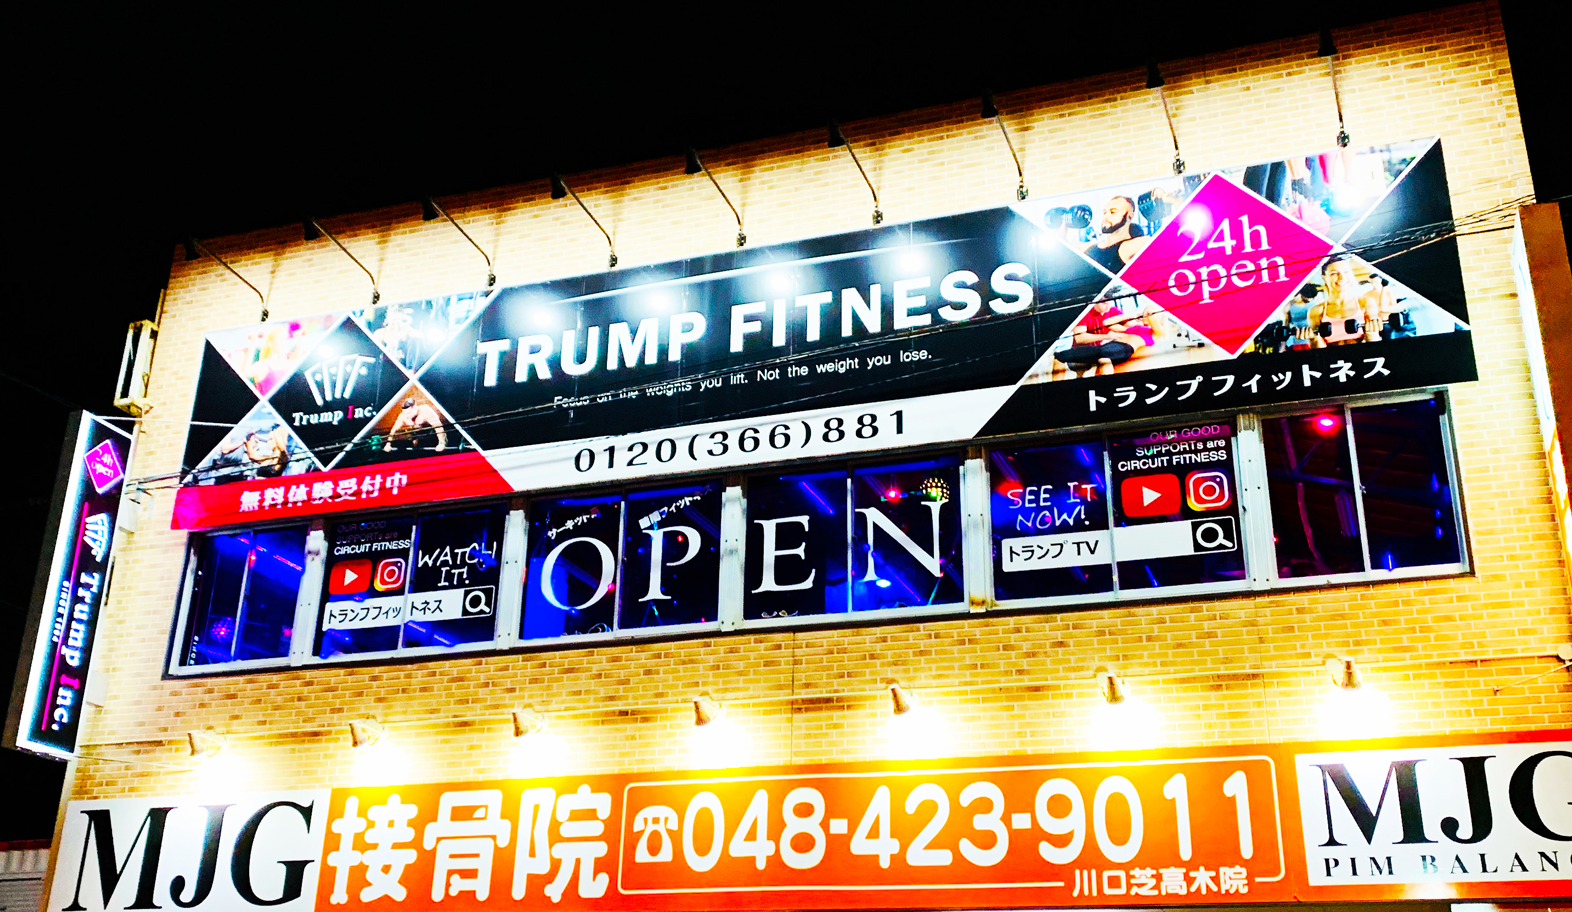 トランプフィットネス,暗闇フィットネス,キックボクシング,ダイエット,マイナス10キロ,美尻トレーニング,痩せる